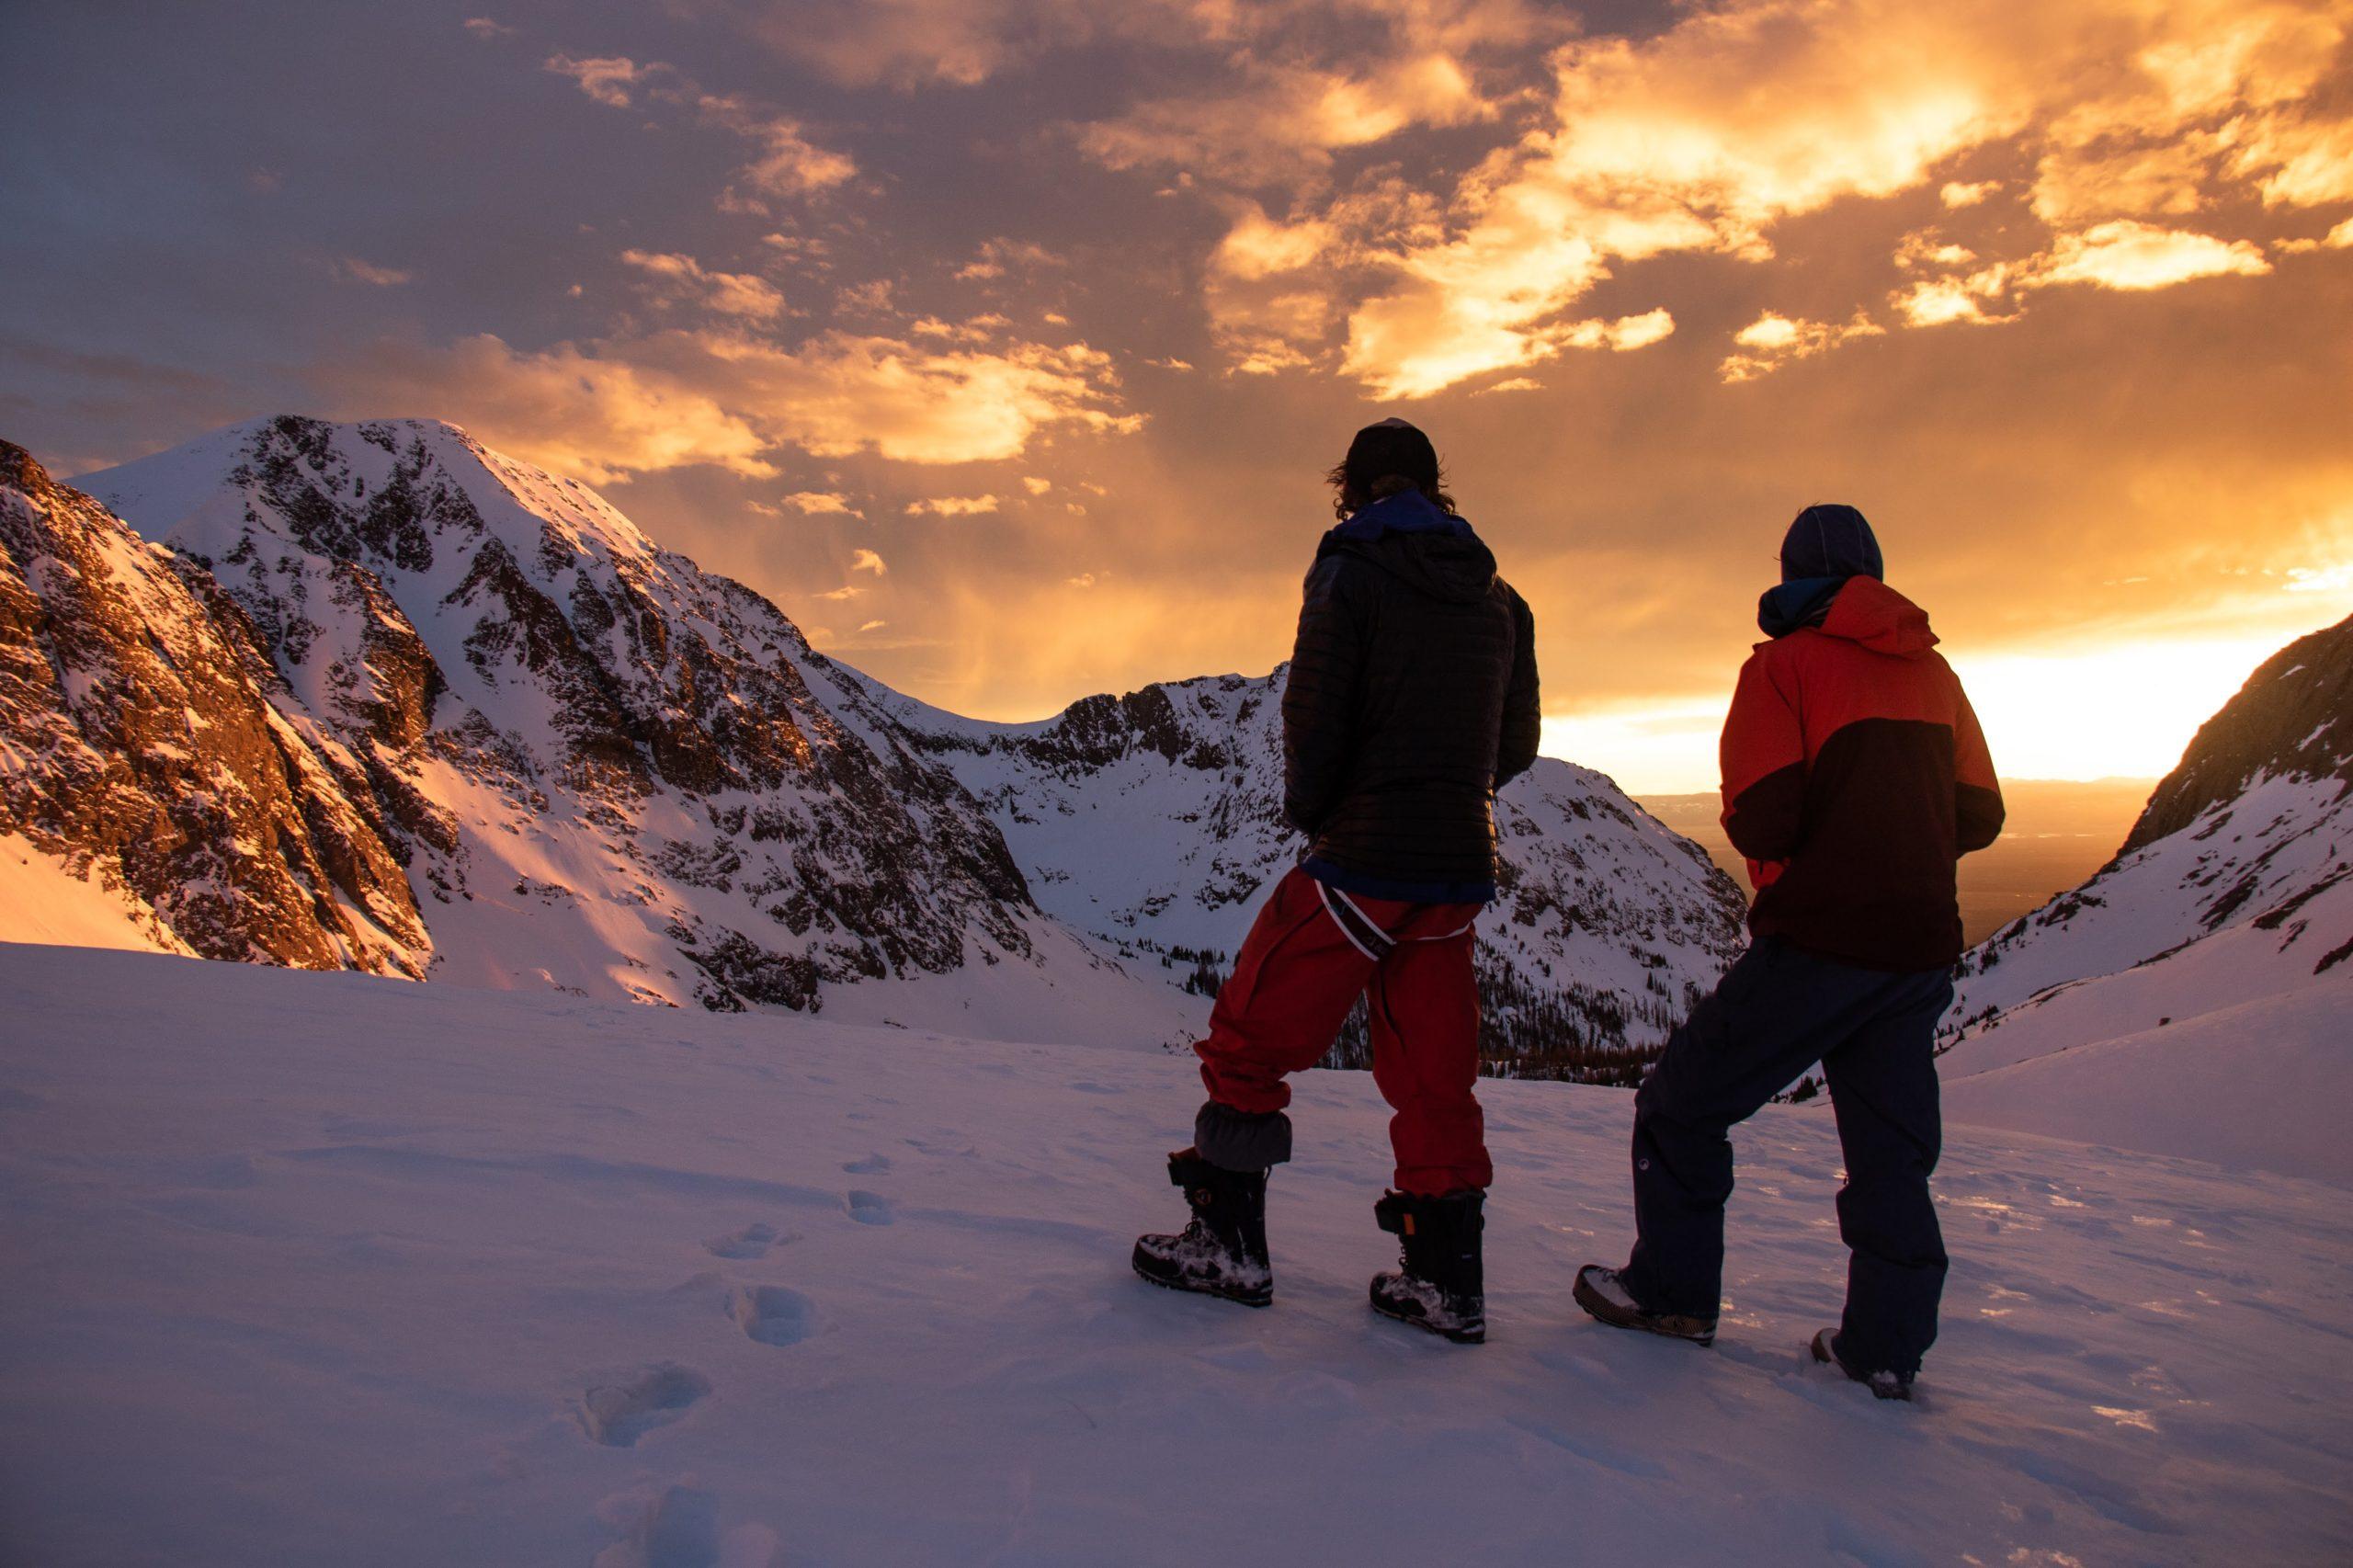 sangre de cristo snowboarding 14er sunset